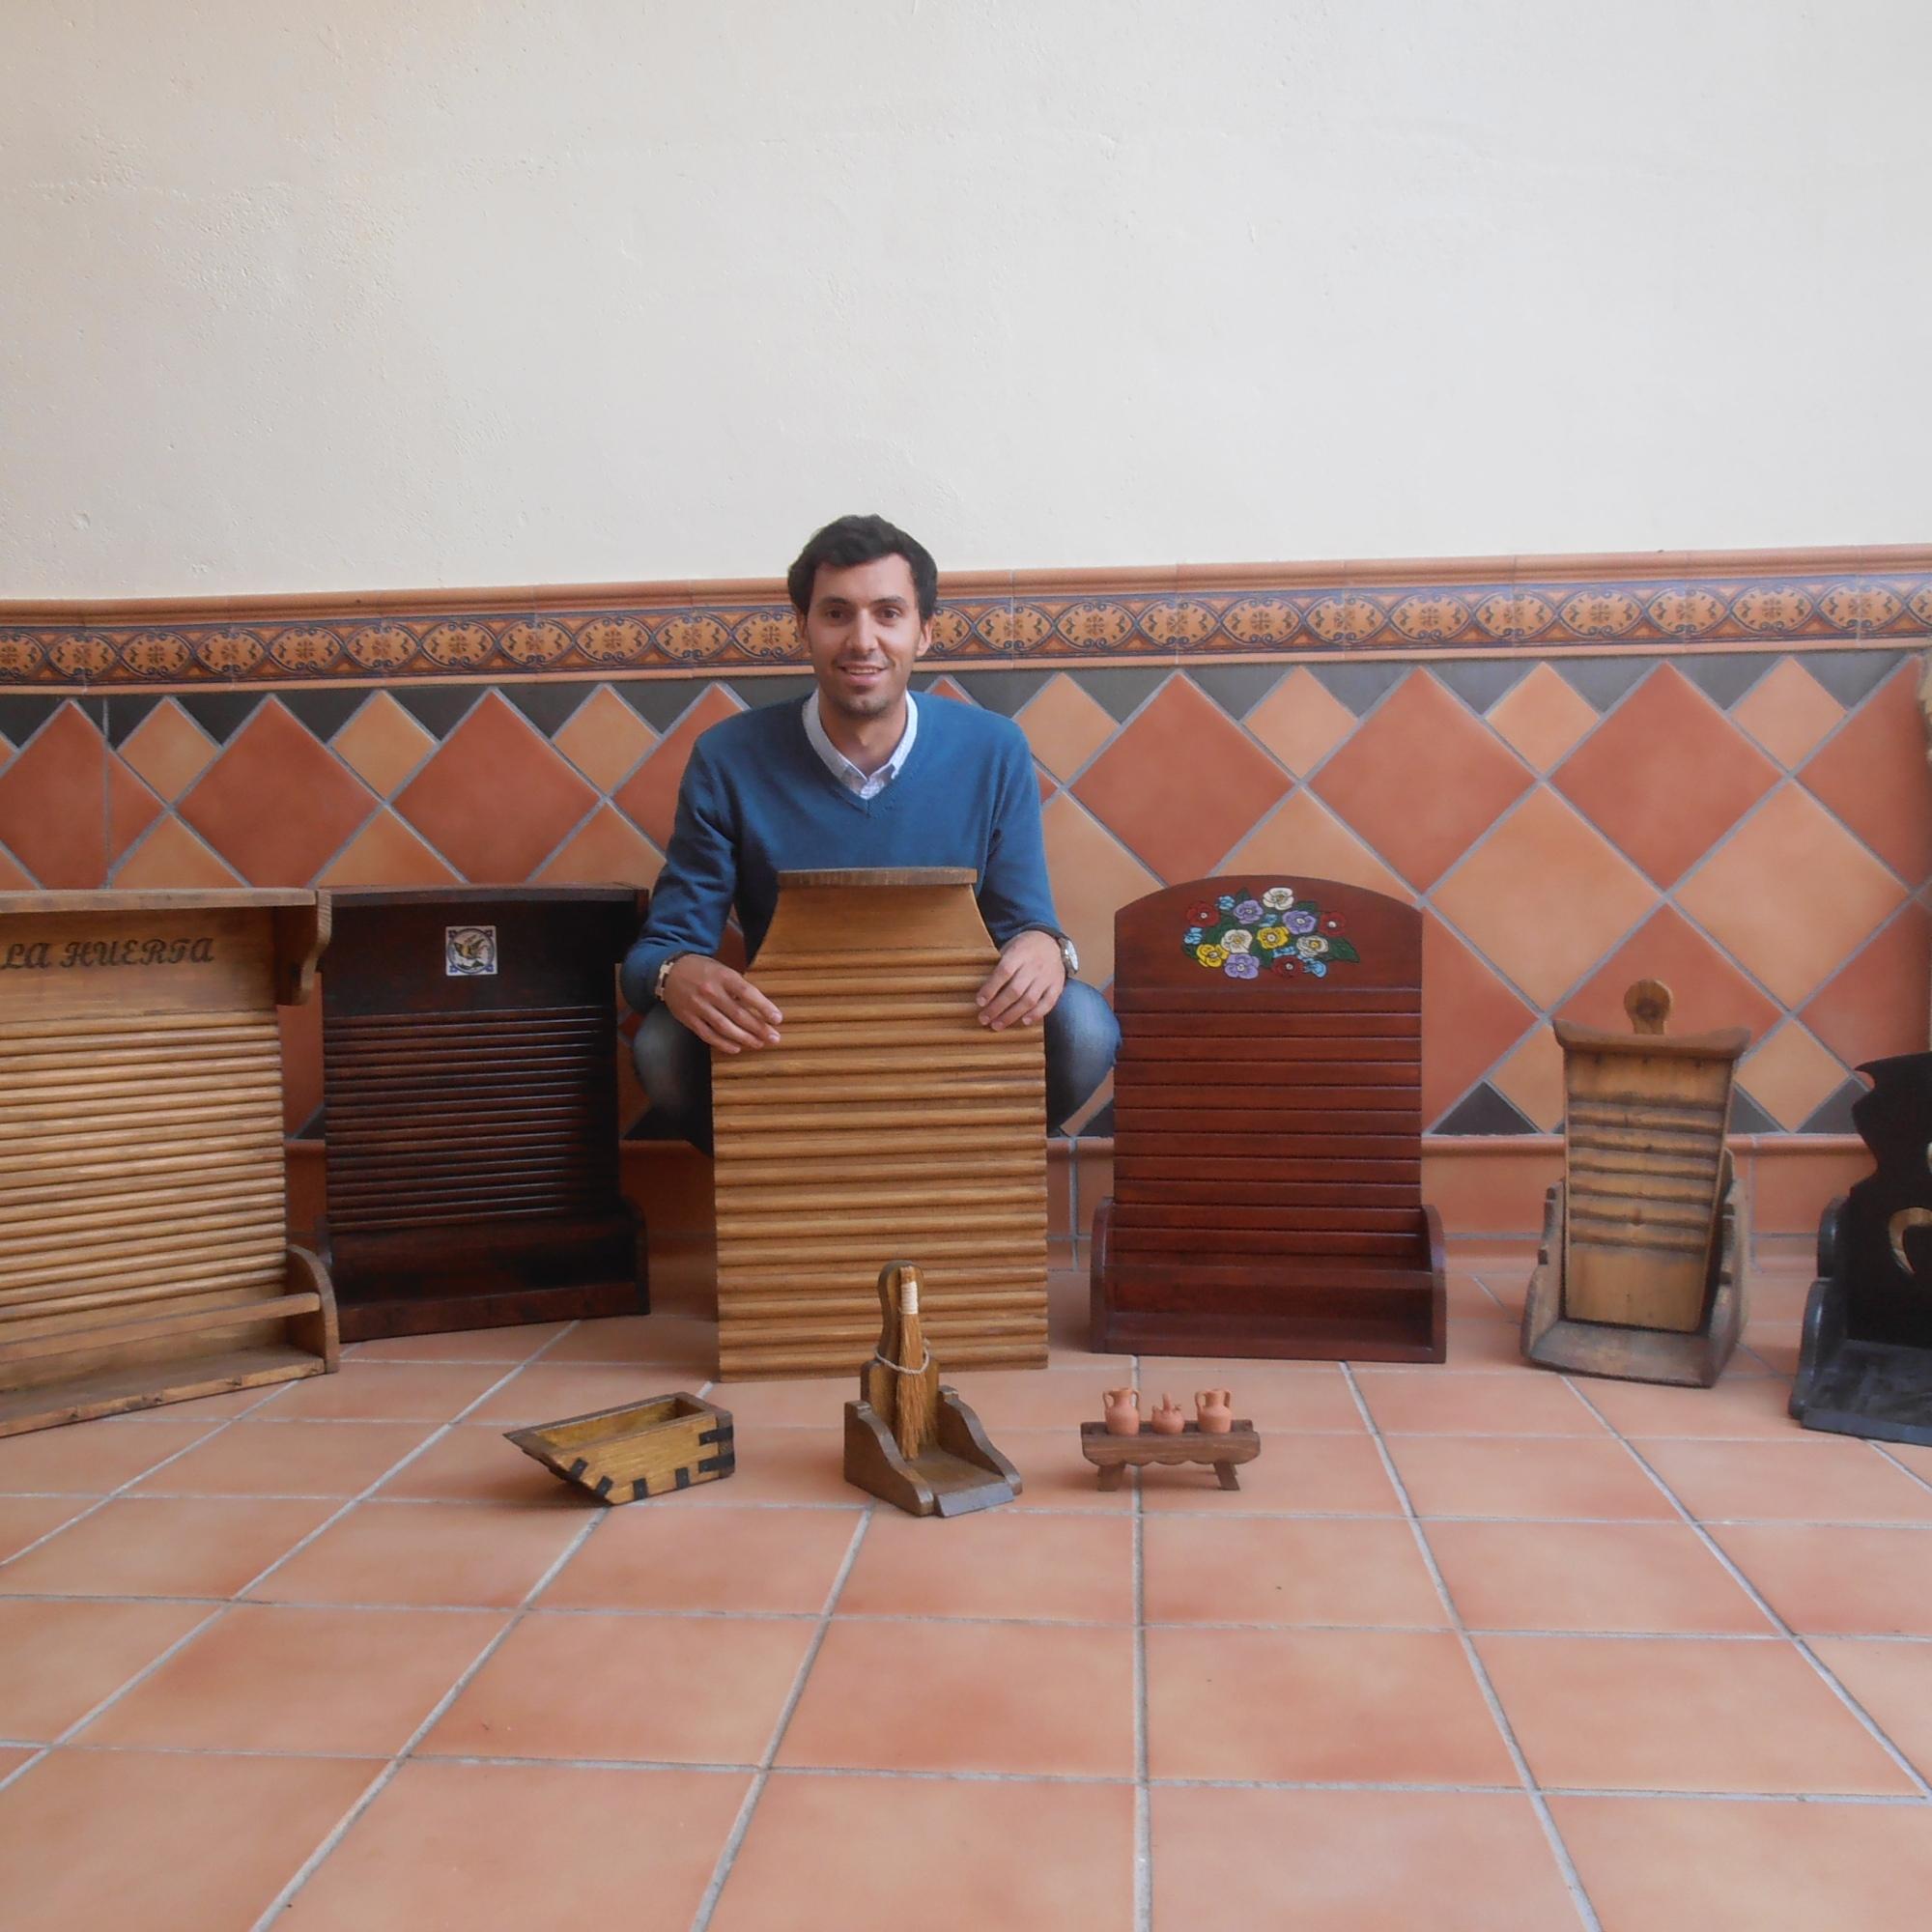 Modelos variados de tablas de lavar y recogedores